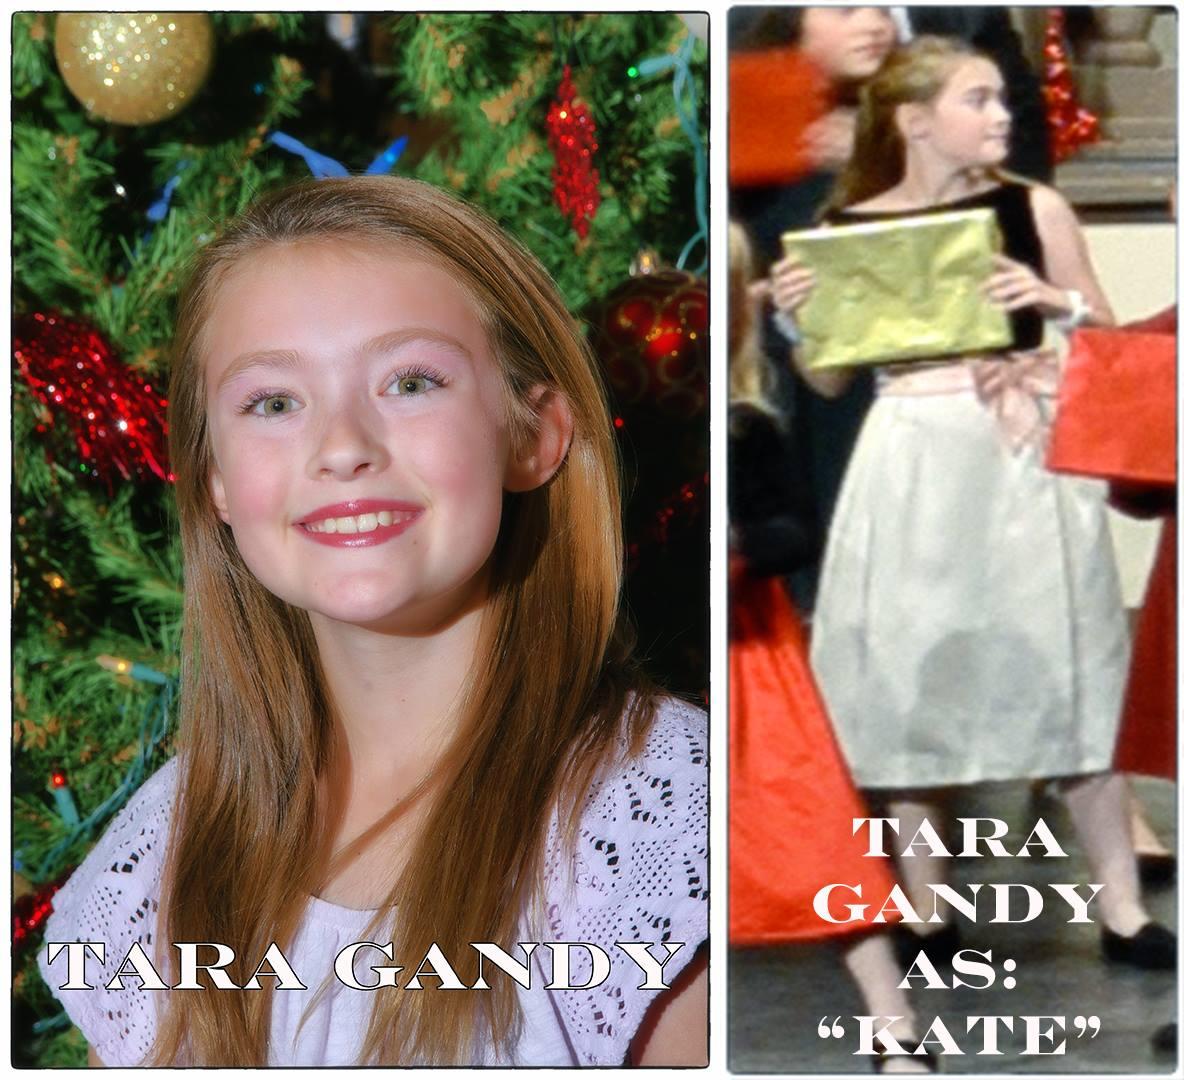 Tara Gandy